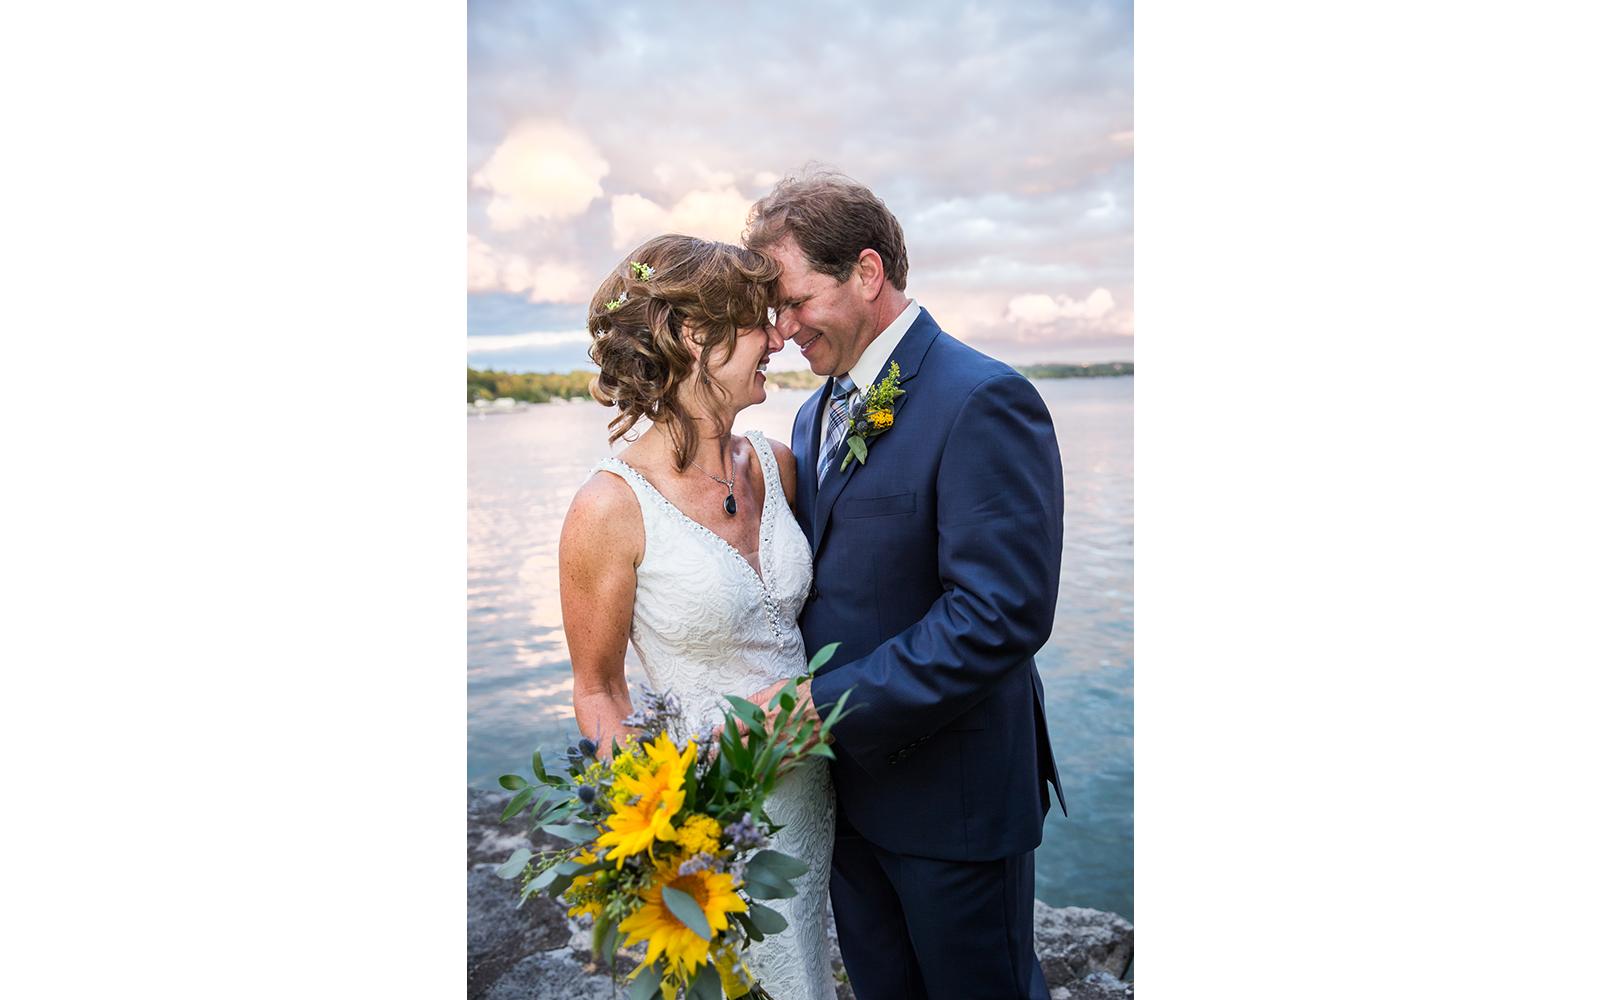 Sunflowers_lake_bride_groom.png